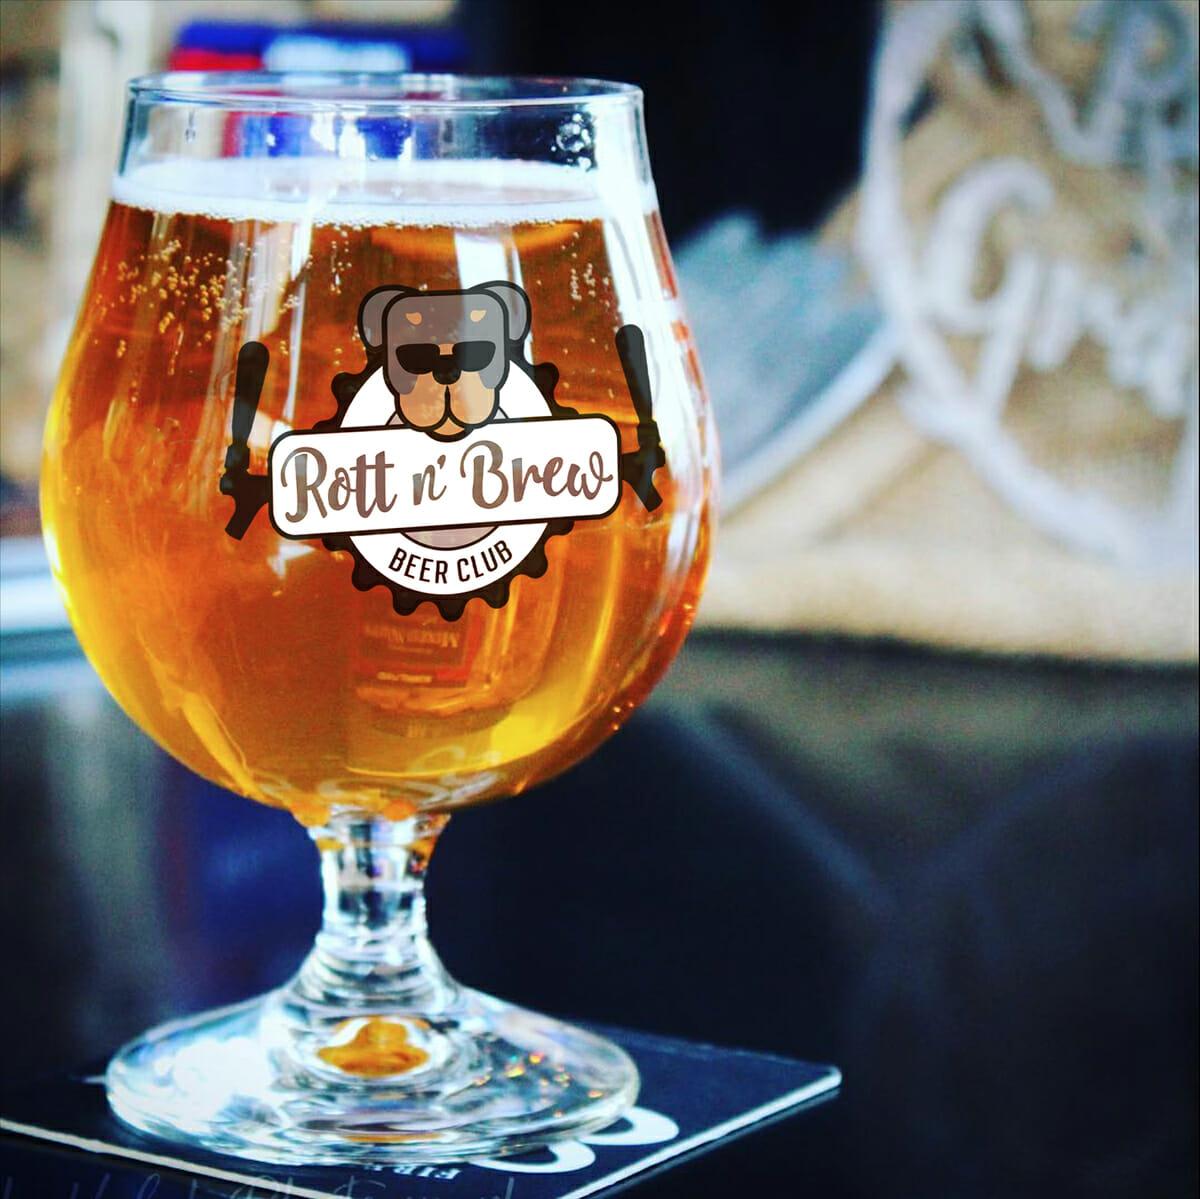 Rott n' Brew Beer Club